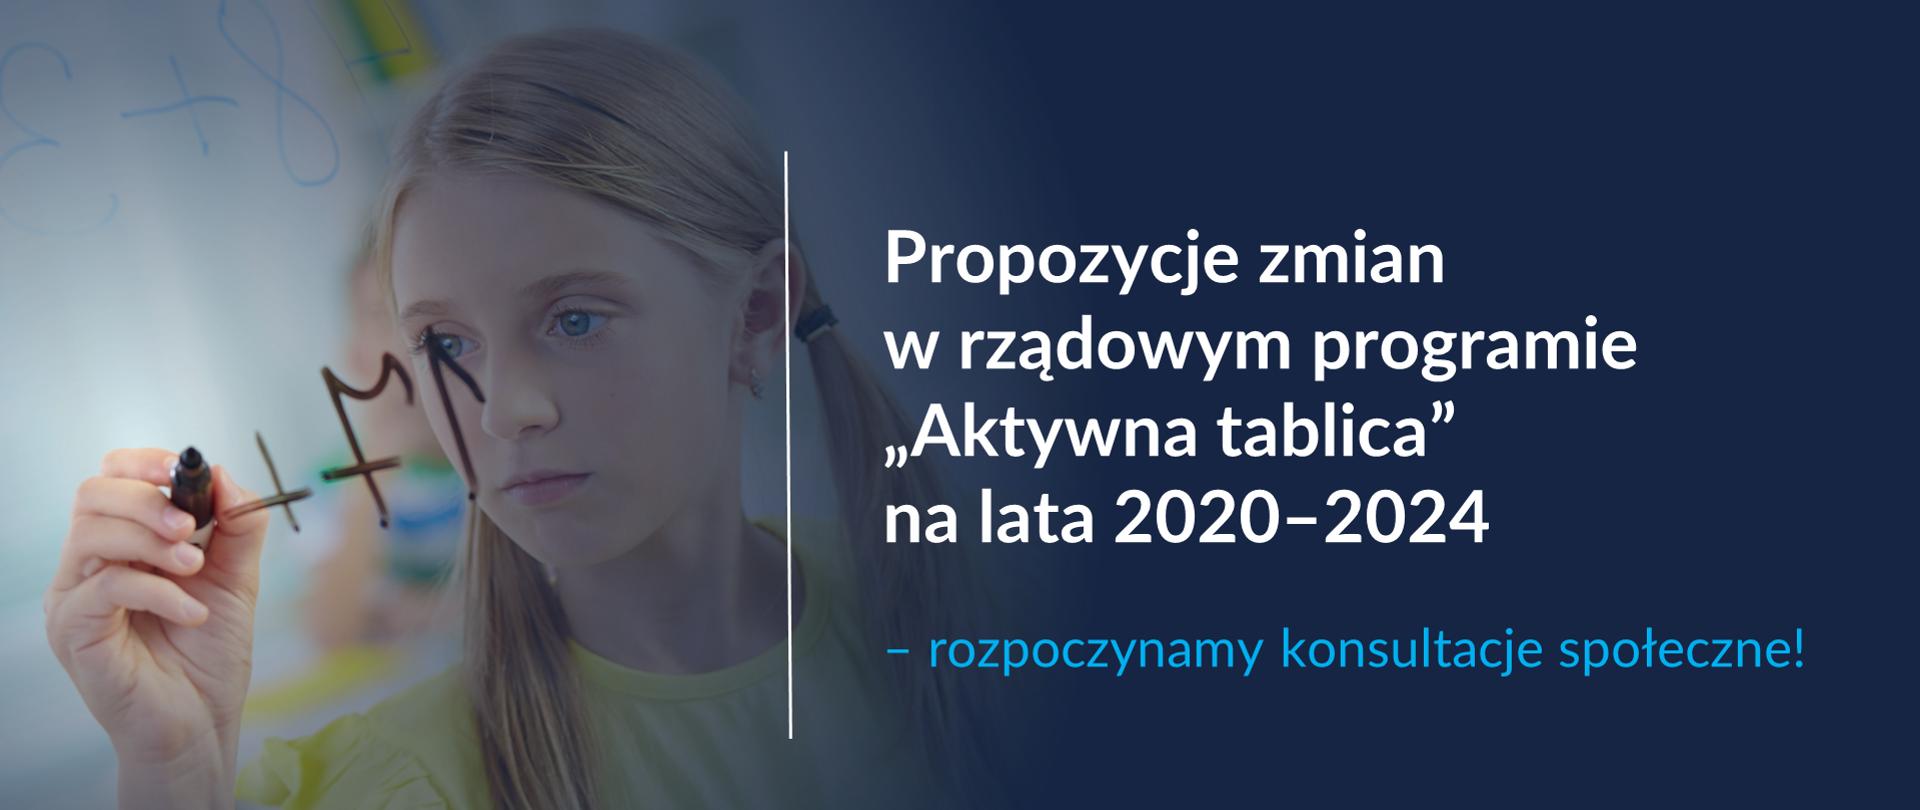 """Po lewej stronie dziewczynka z dwoma długimi kucykami, ubrana w żółtą bluzkę pisze flamastrem po szybie. Po prawej stronie - oddzielony pionową kreską napis Propozycje zmian w rządowym programie """"Aktywna tablica"""" na lata 2020–2024 – rozpoczynamy konsultacje społeczne! Całość na niebiesko-grantowym tle."""